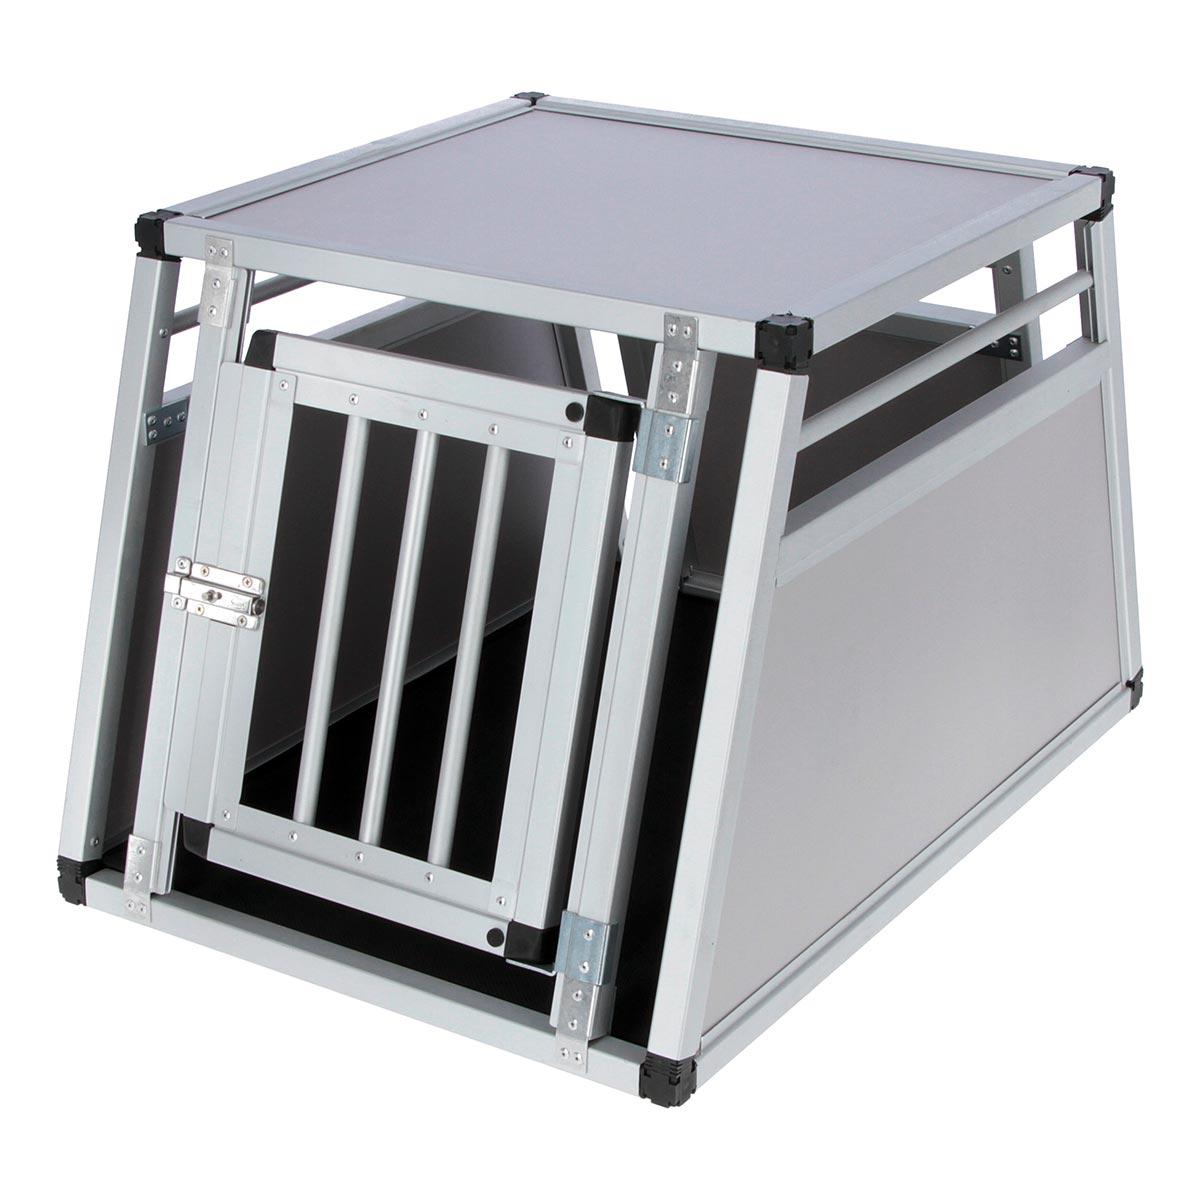 Antirutsch Beschichtung zwei Gr/ö/ßen Kerbl Kofferraumkissen Schutz vor Schmutz